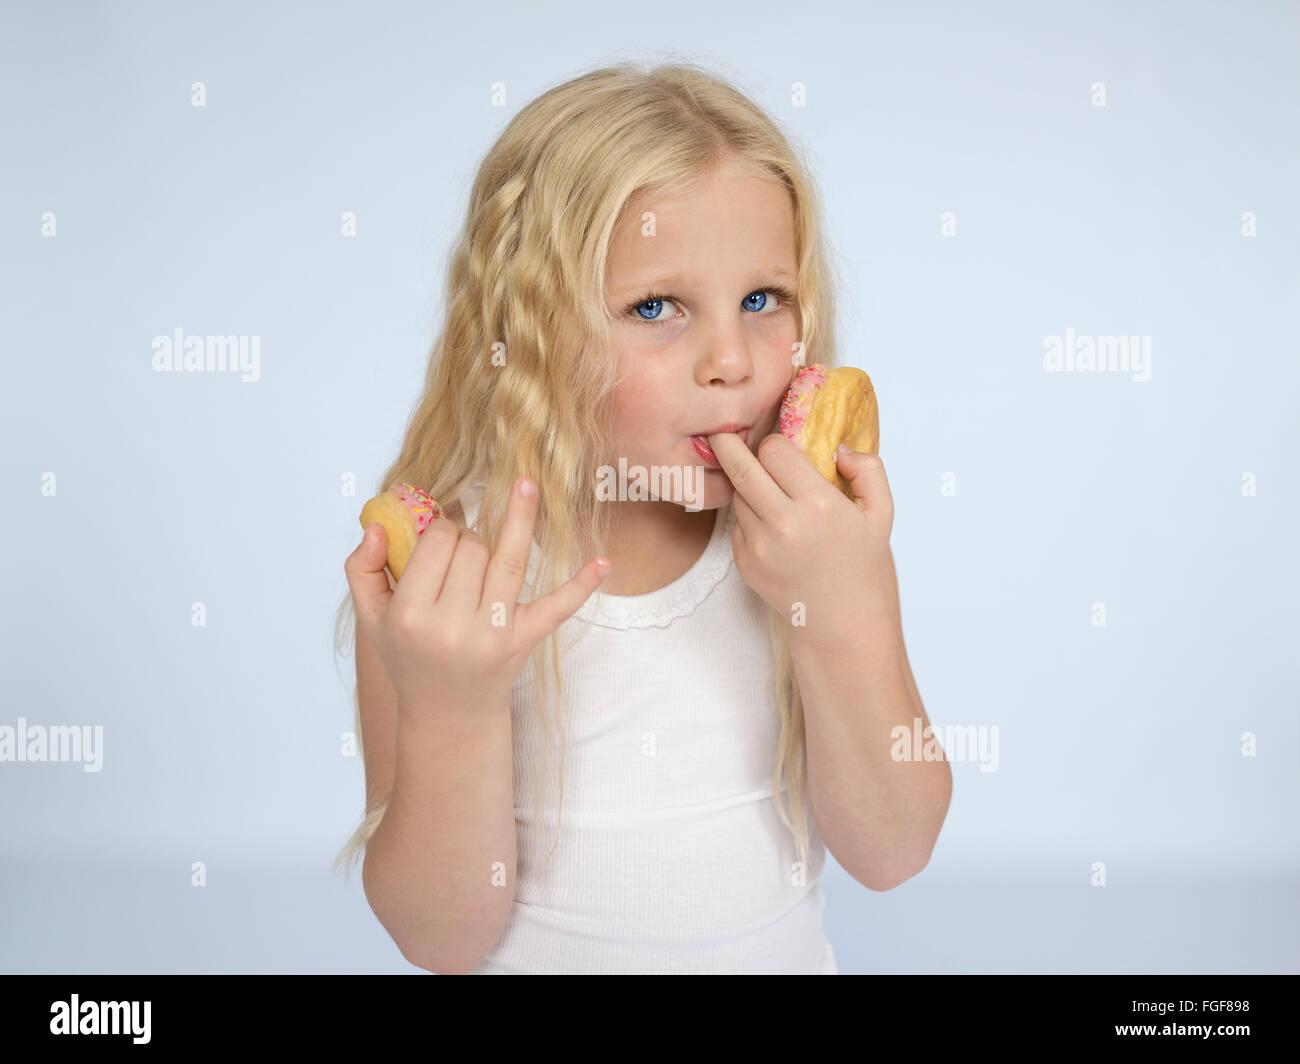 Jeune fille avec de longs cheveux blonds eating donuts et léchant ses doigts Photo Stock